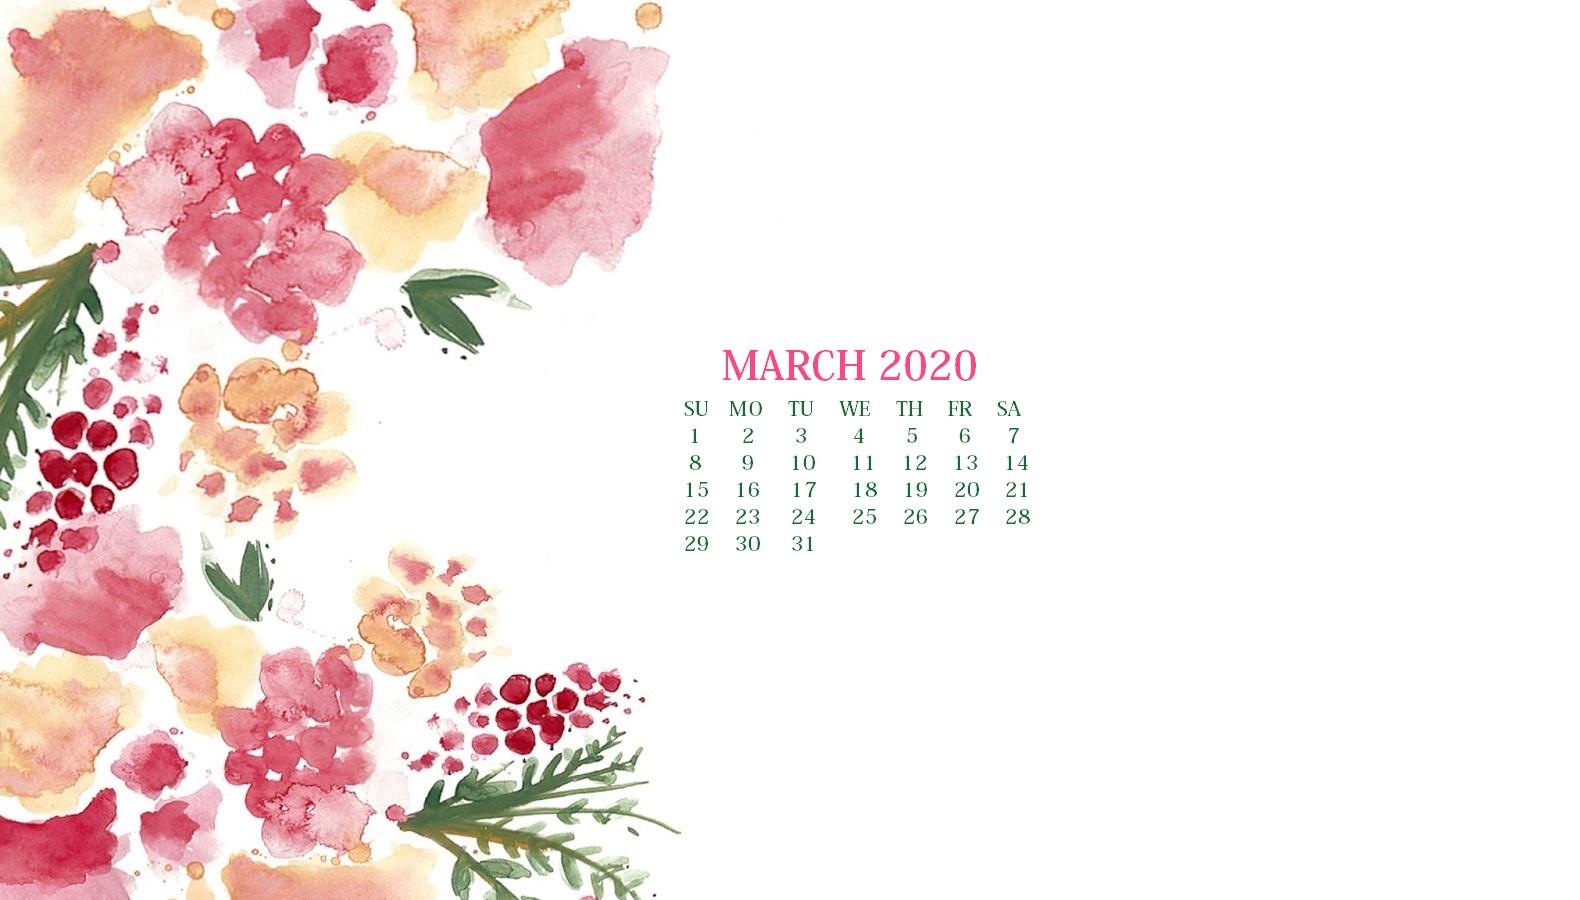 March 2020 Calendar Wallpaper   Desktop and iPhone 1580x900